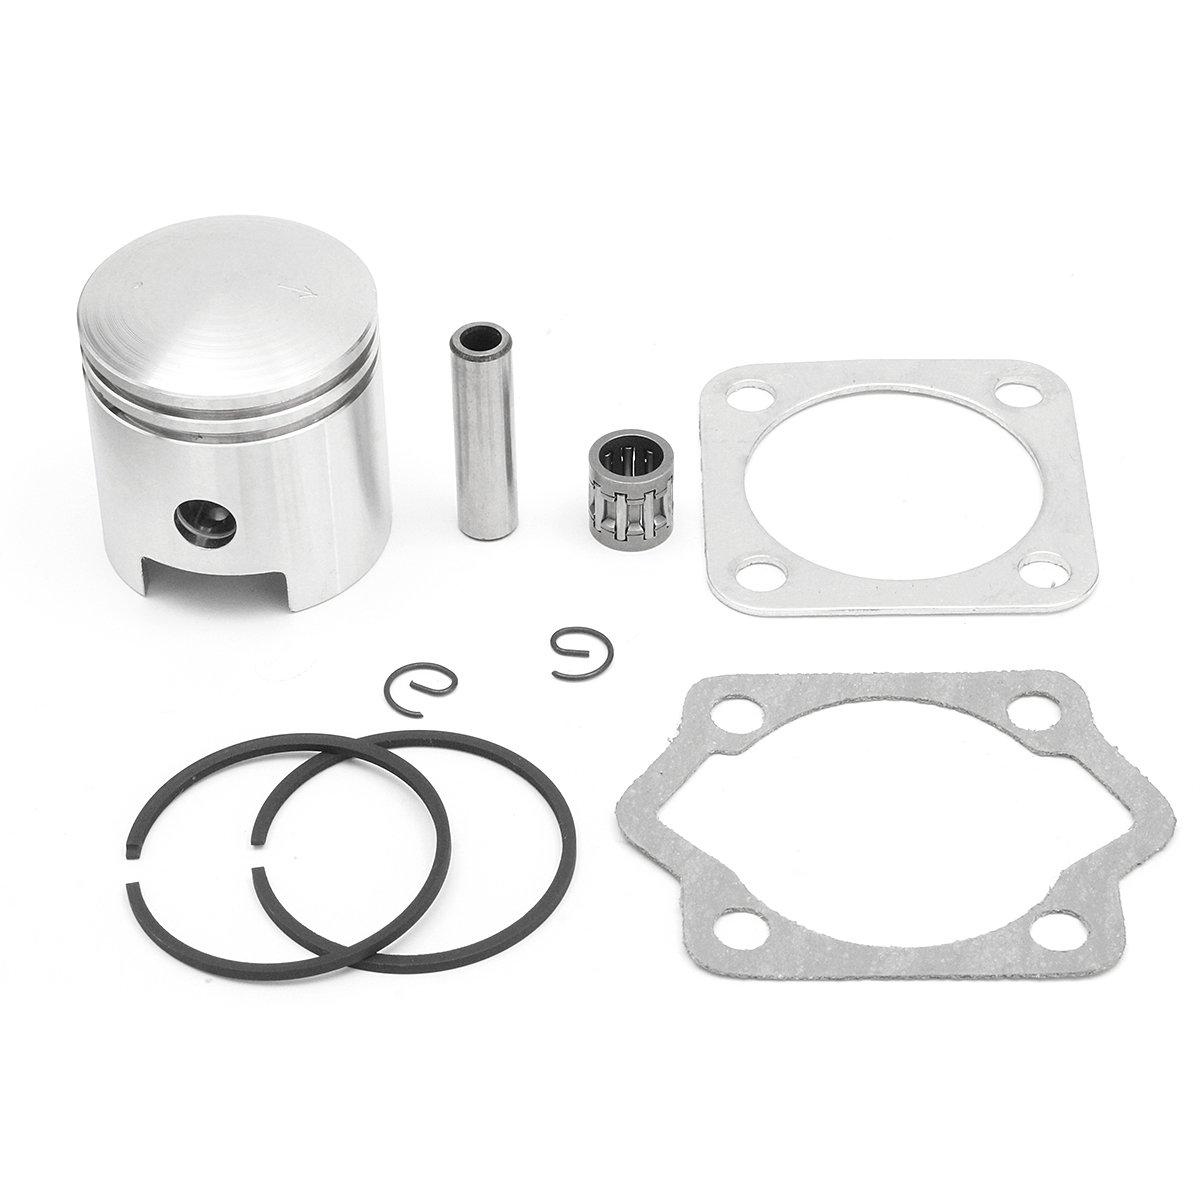 Alamor Kit De Motor De Anillos De Junta De Cilindro De Pistó n Universal Para Motor De Motor De 2 Tiempos Y 80Cc